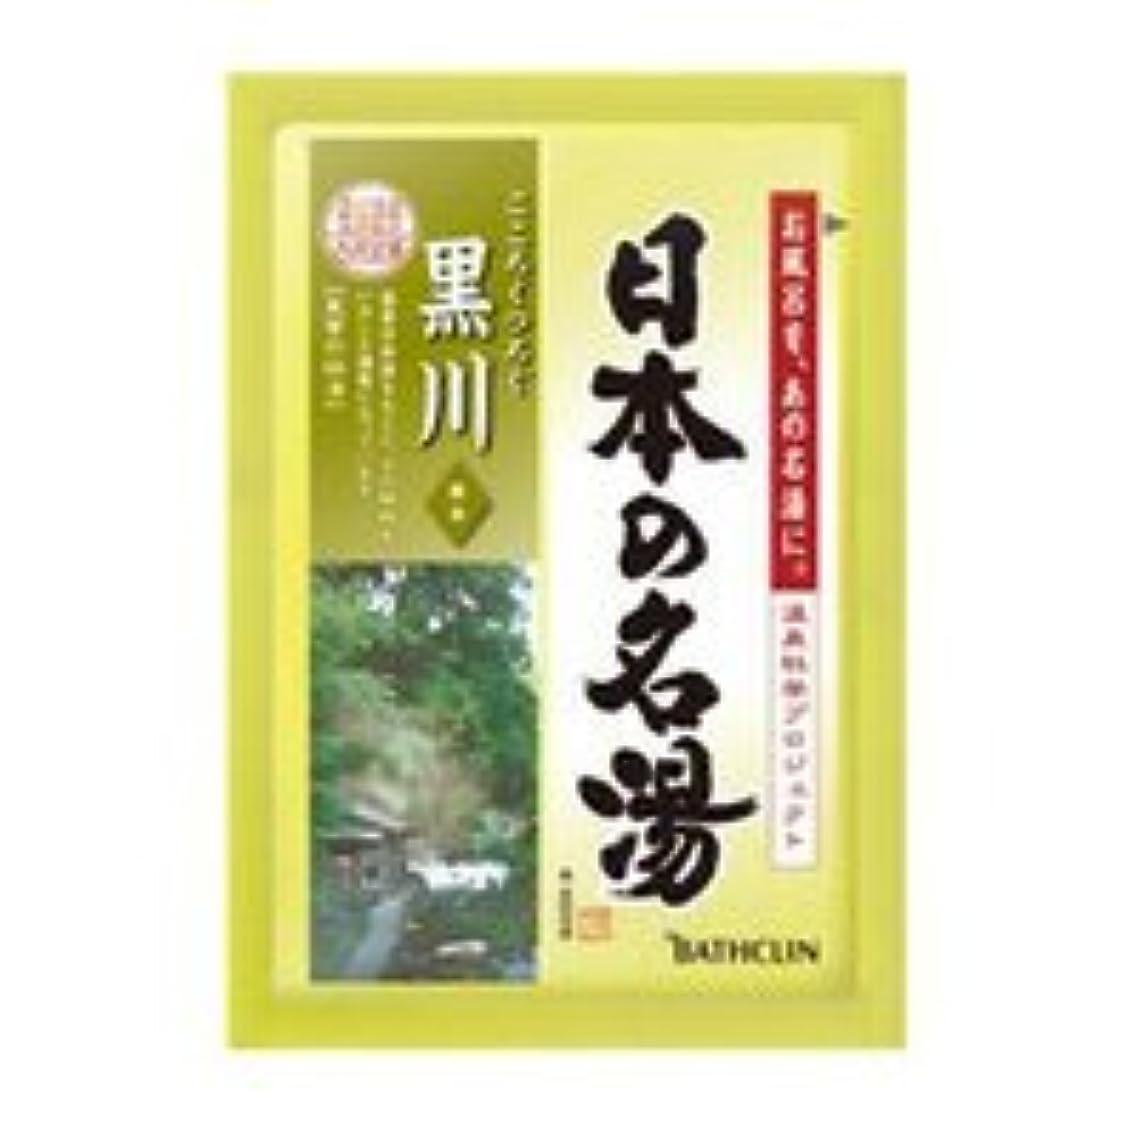 間上に飢えたバスクリン 日本の名湯 黒川 1包 30g (温泉タイプ入浴剤)×120点セット (4548514135093)